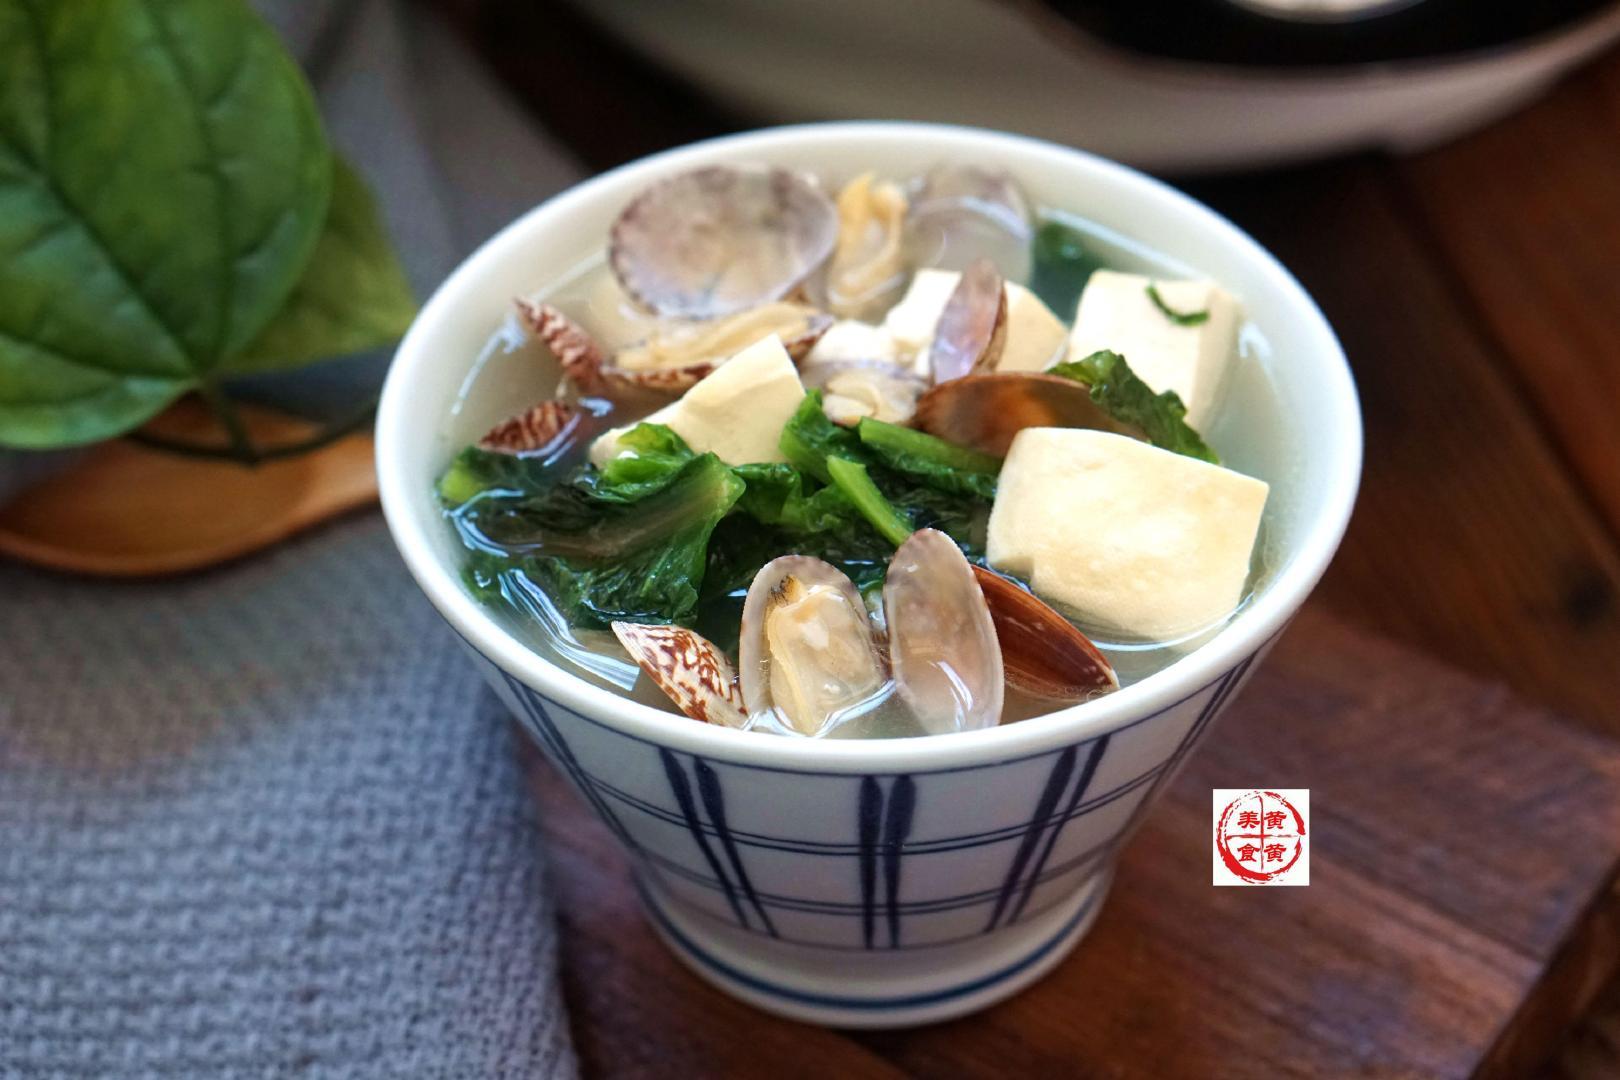 小暑至,多喝汤,清清爽爽,只长壮不长胖,比吃鱼鲜,比吃肉香